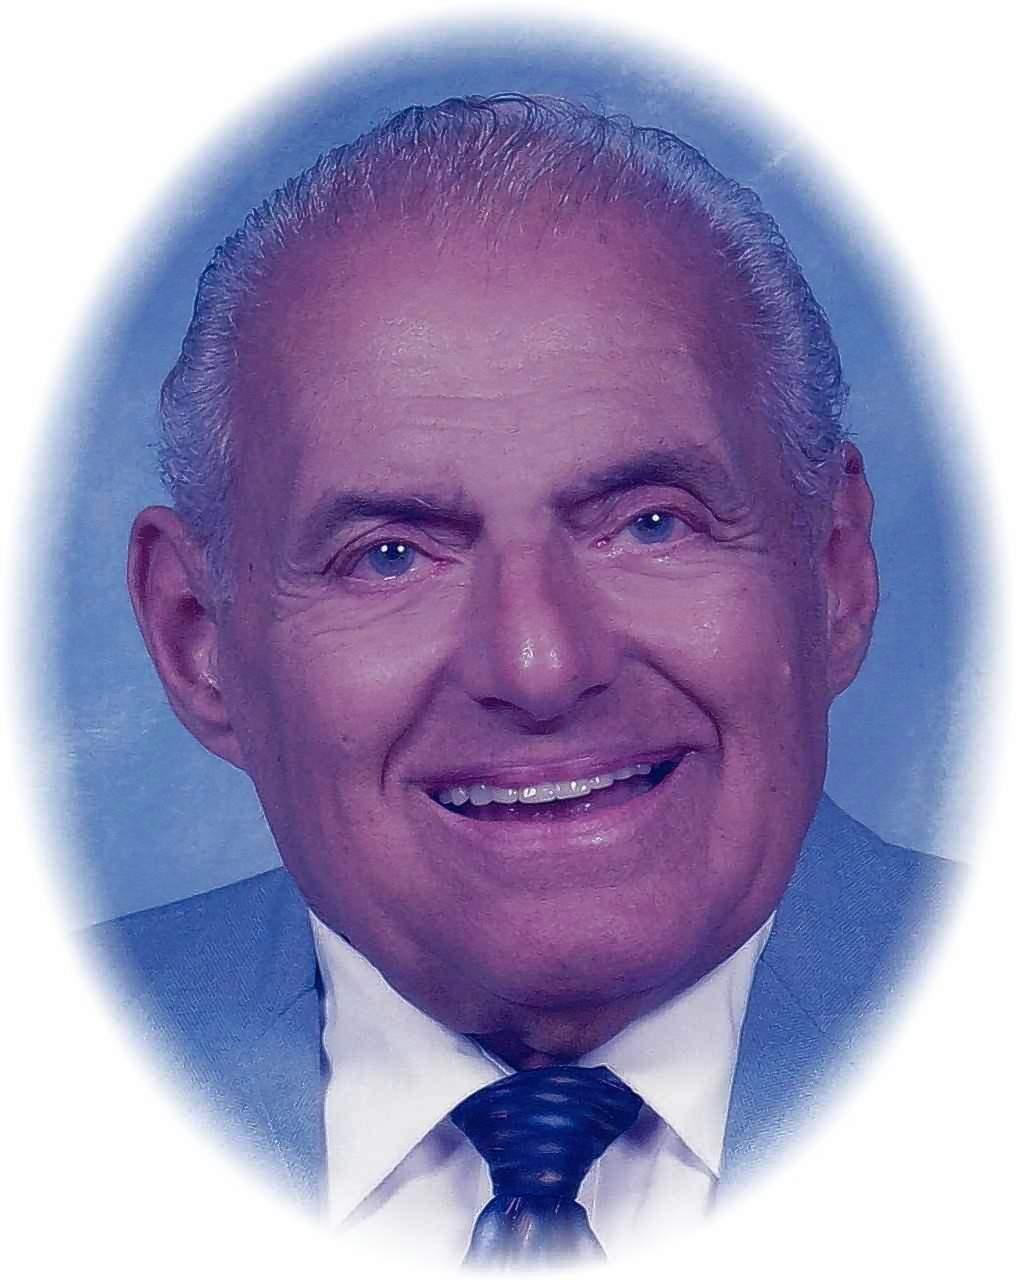 Carl Campanella